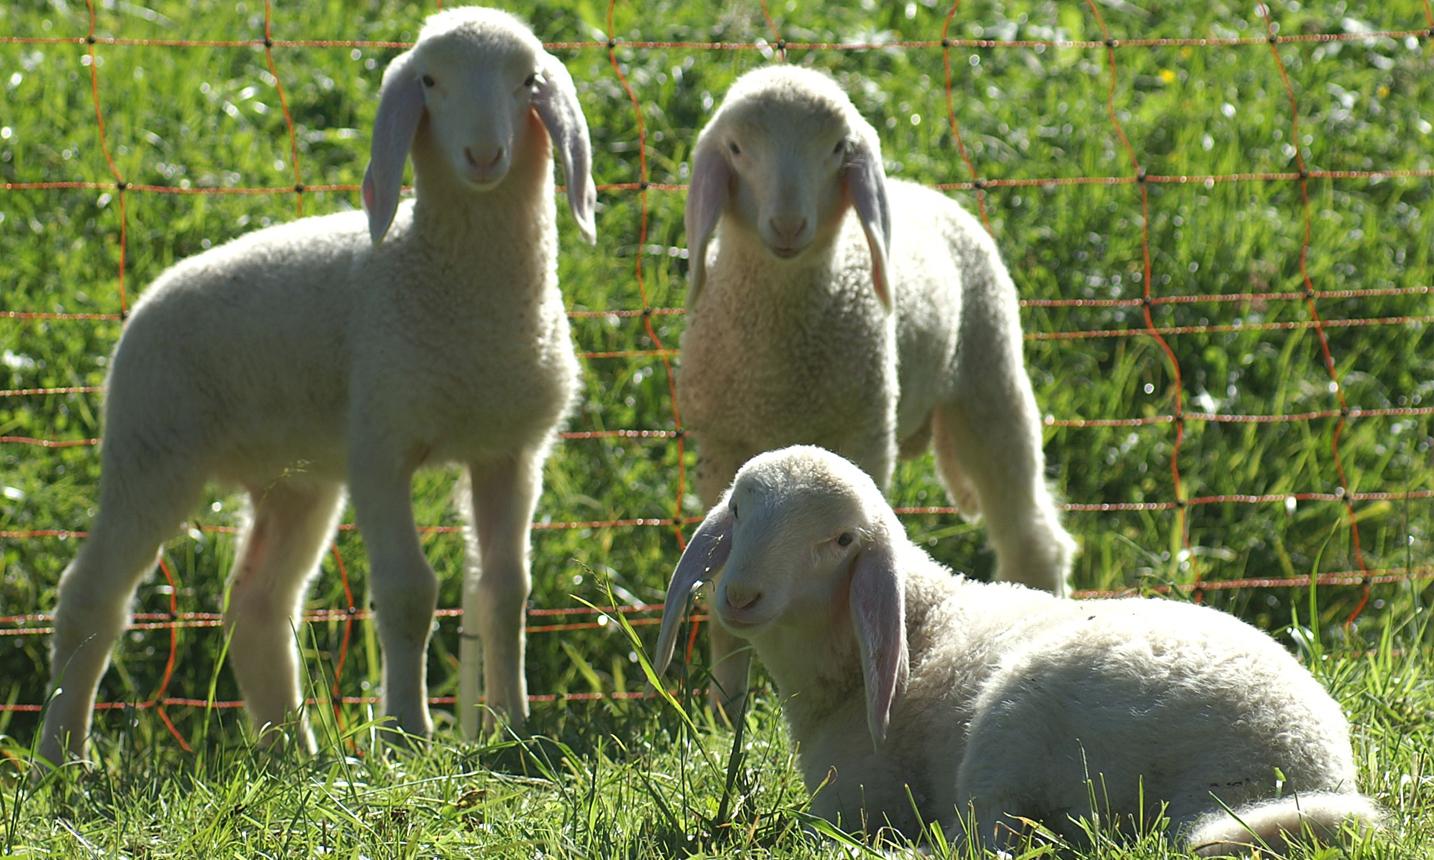 اجزا و سیستم های بدن گوسفند زنده